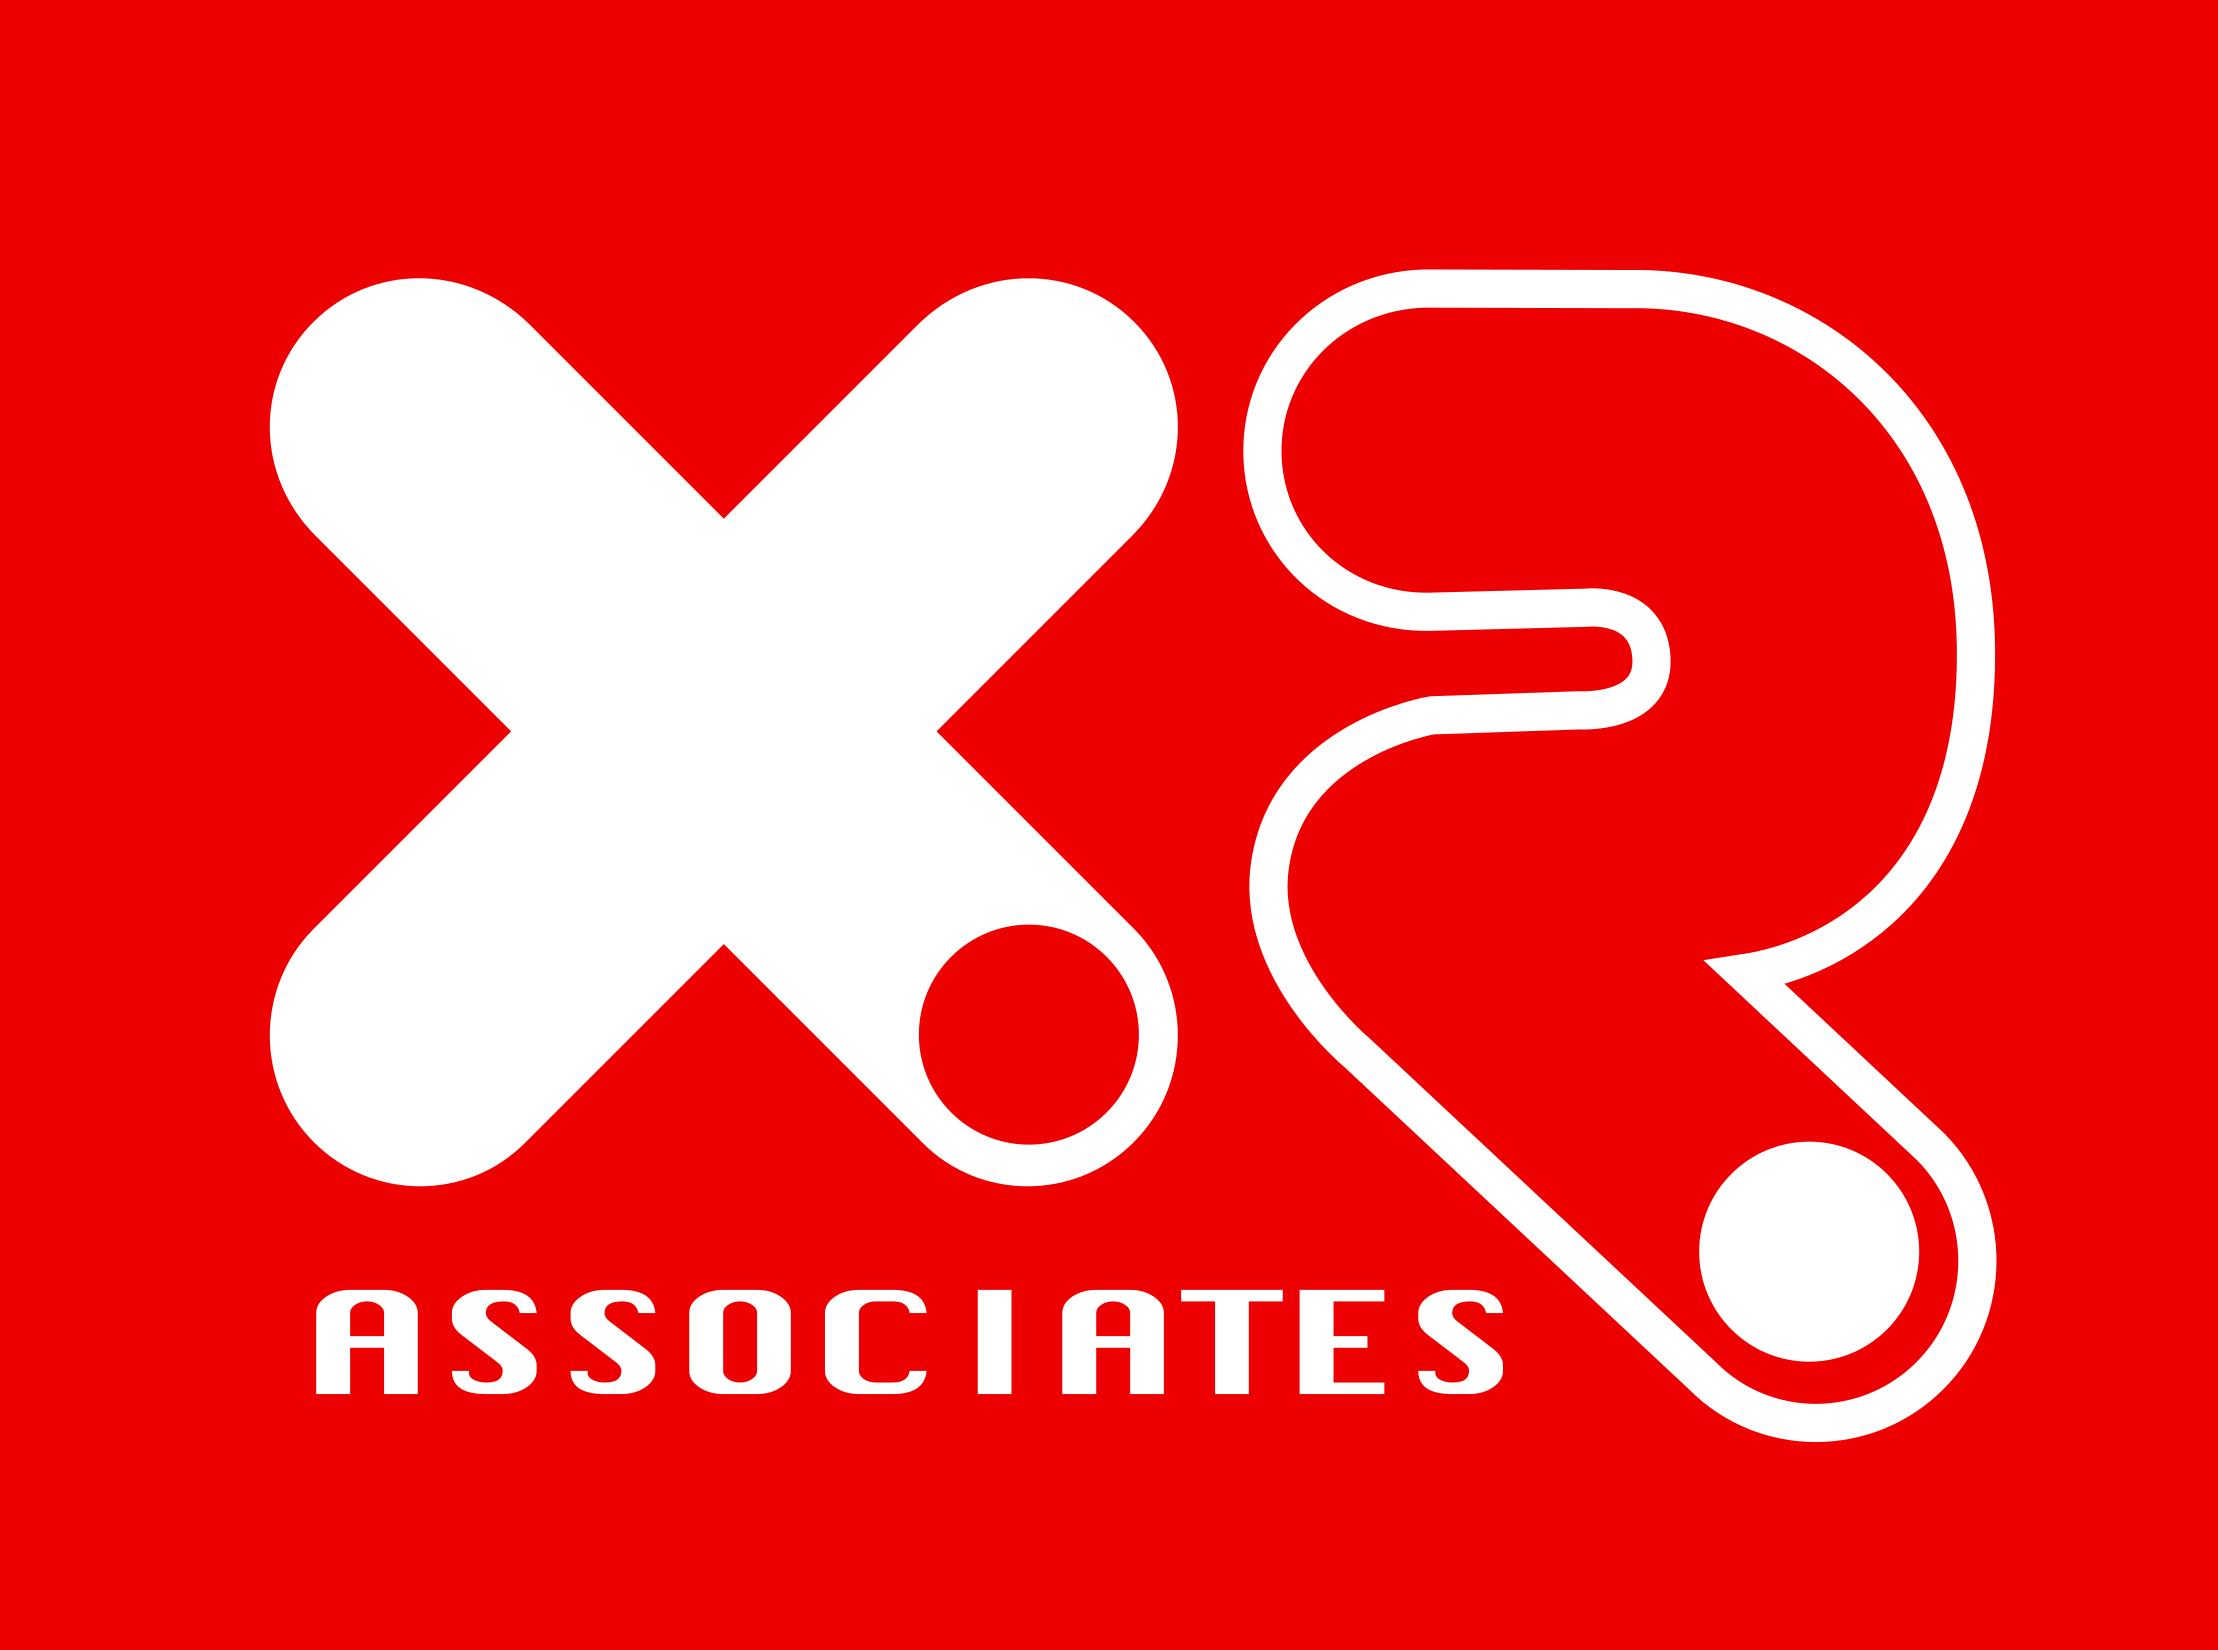 XR Associates